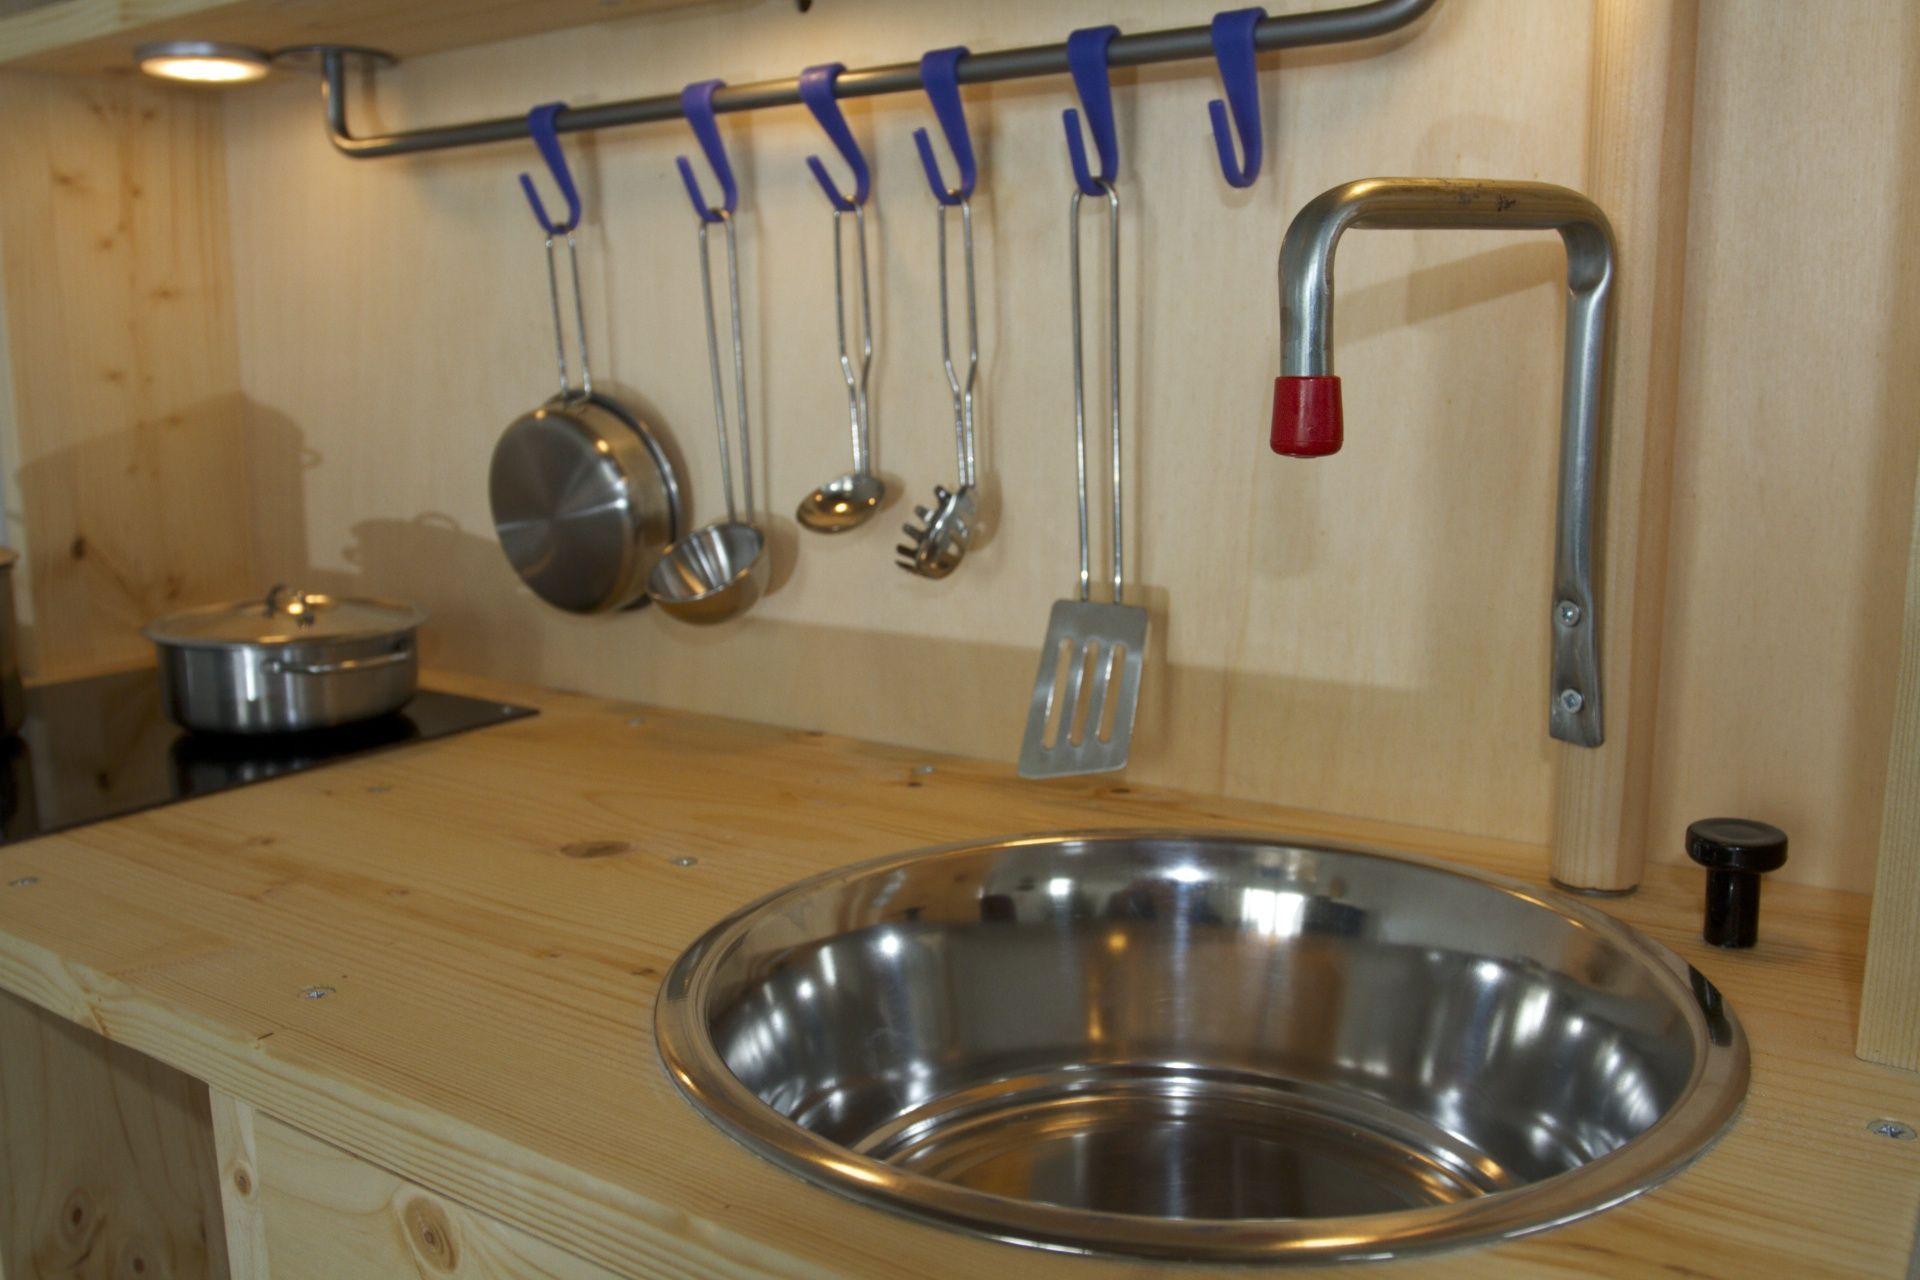 sp lbecken und wasserhahn das sp lbecken ist ein swisspet edelstahlnapf. Black Bedroom Furniture Sets. Home Design Ideas